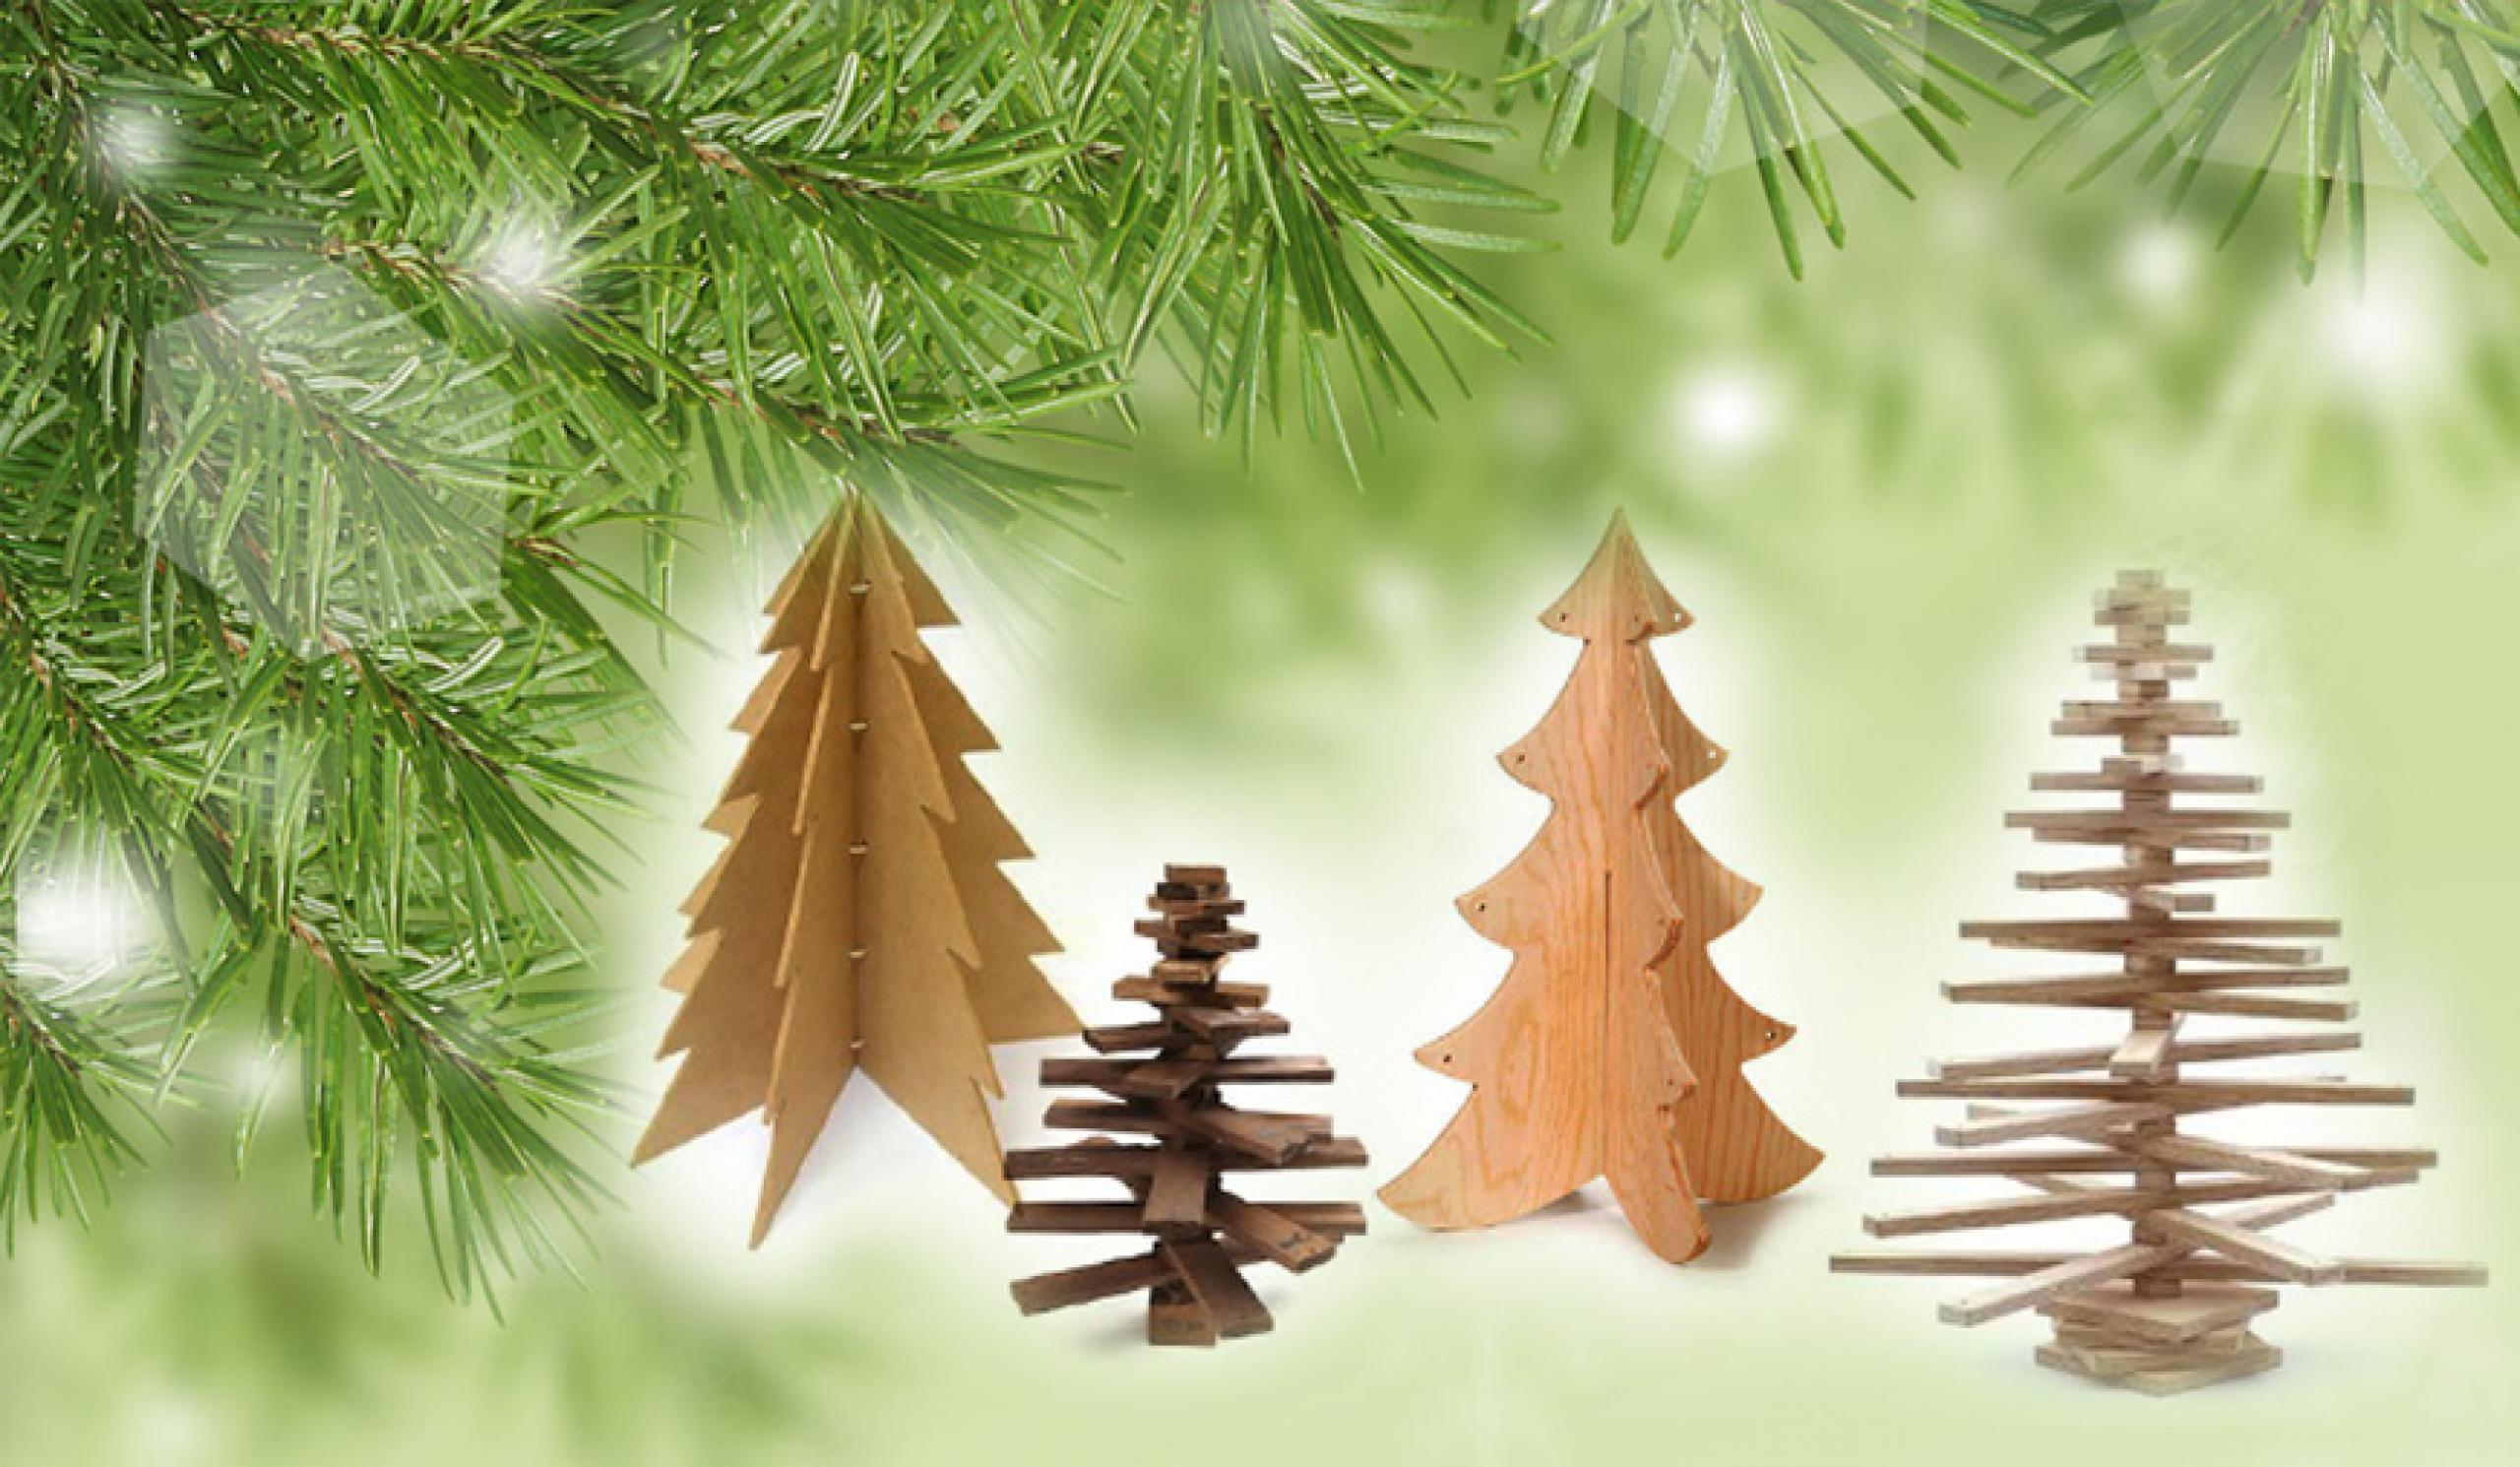 Hogyan készítsünk karácsonyfát fából